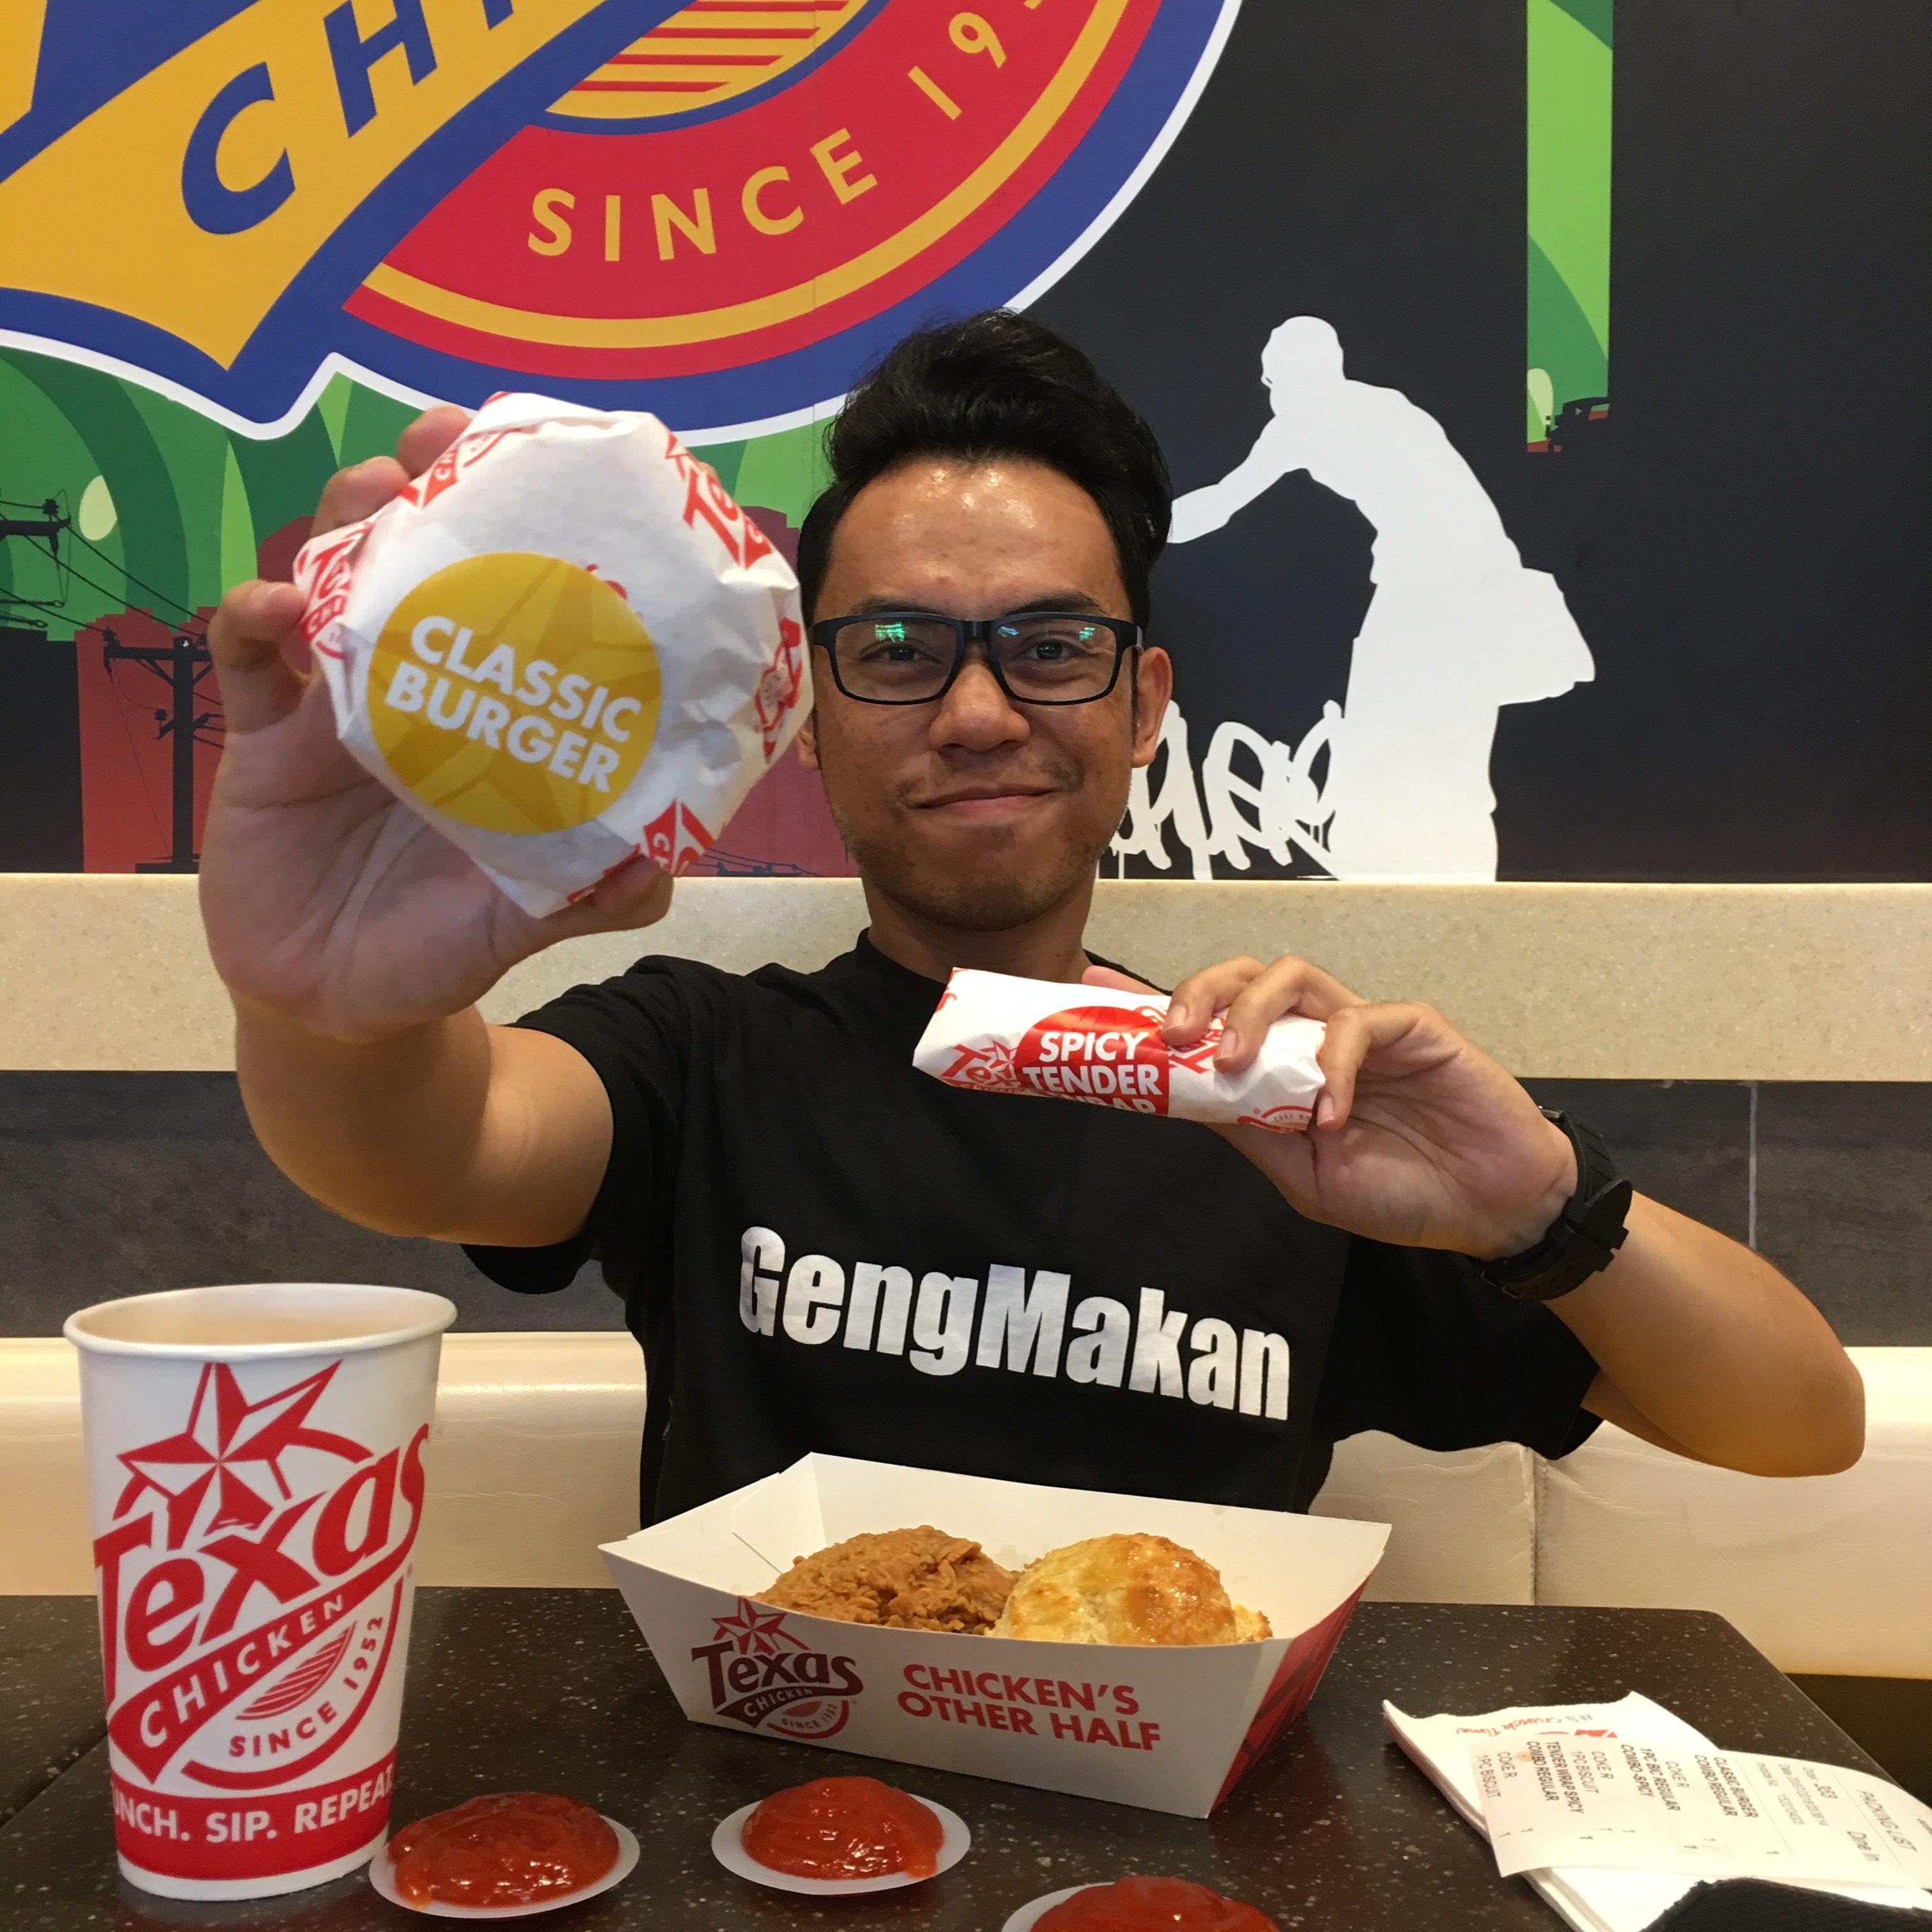 Set Jimat Crunchy Deals di Texas Chicken dengan harga RM5.50